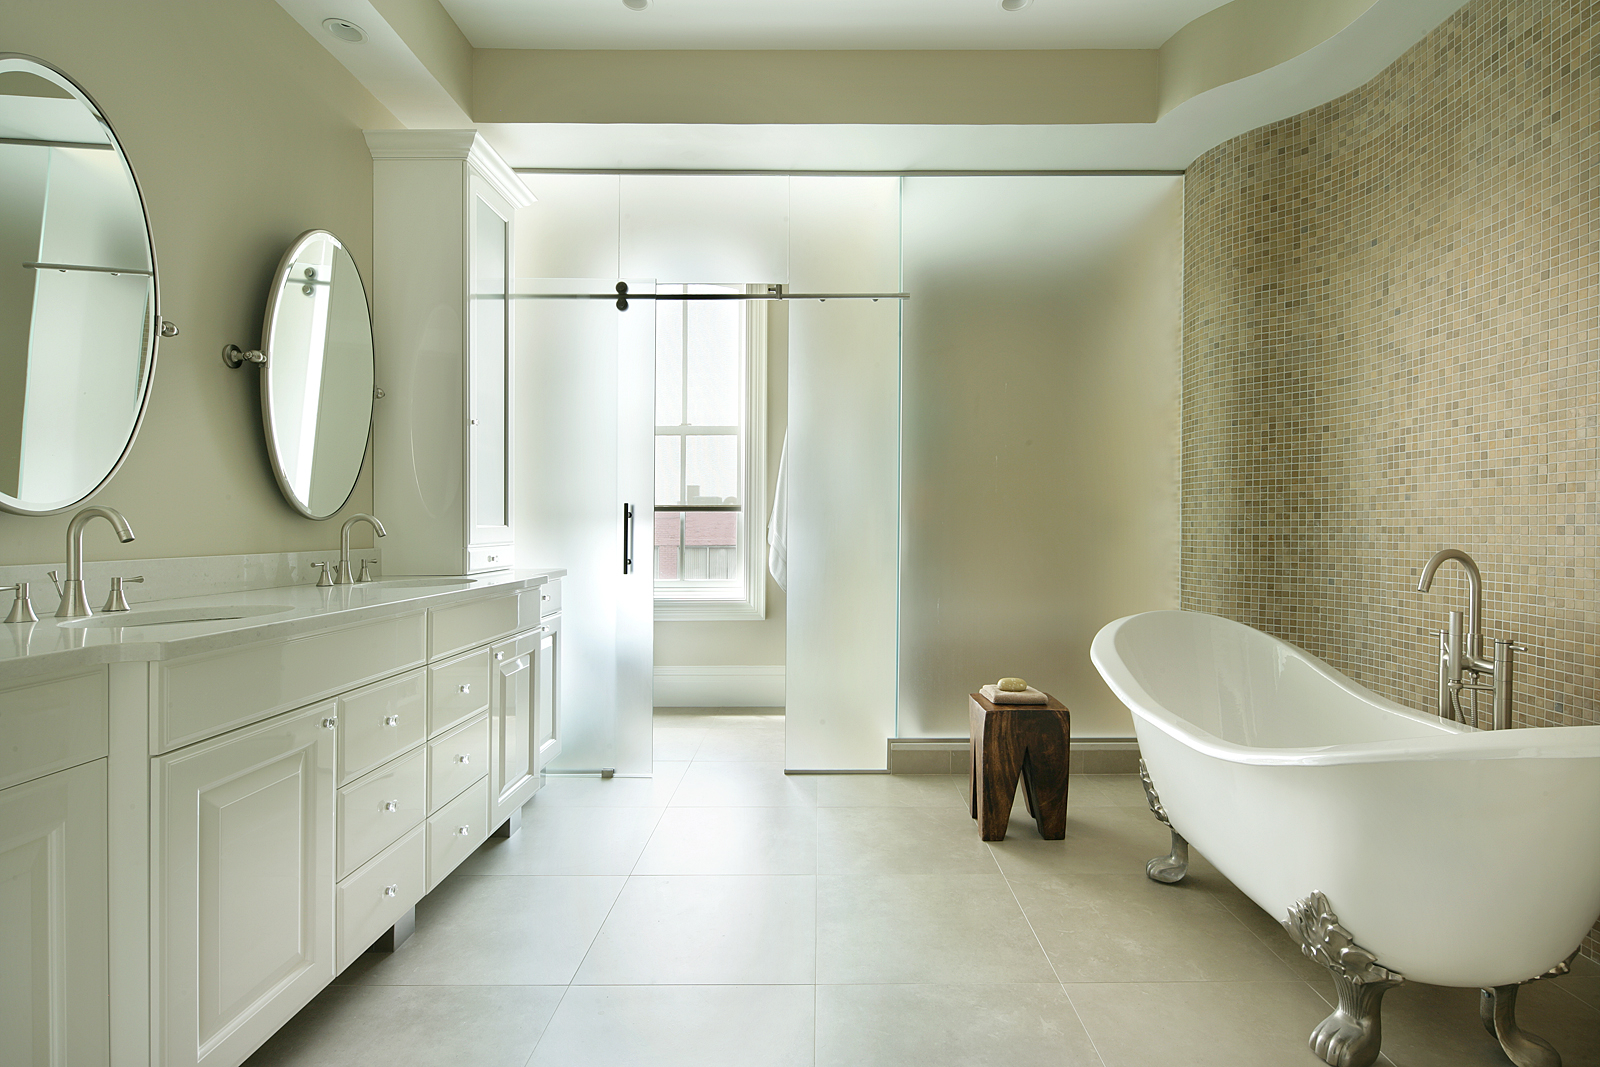 nlm design interiors interior design services interior